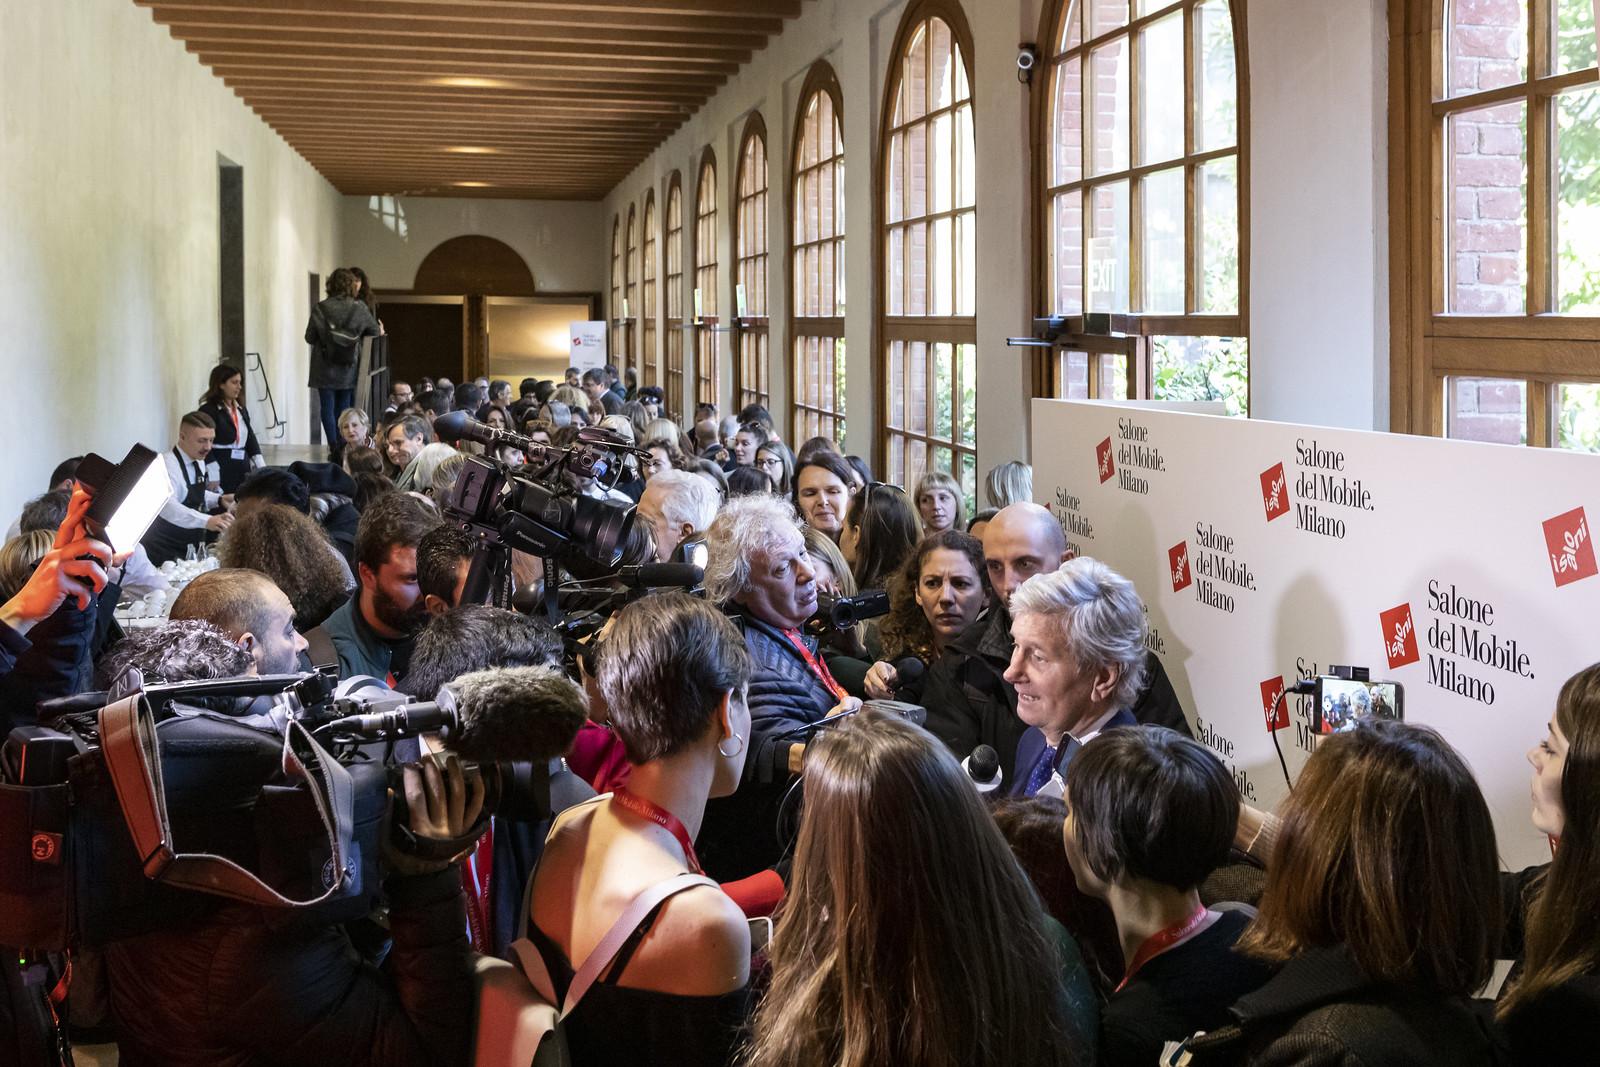 Salone del Mobile. Milano postponed to 2021